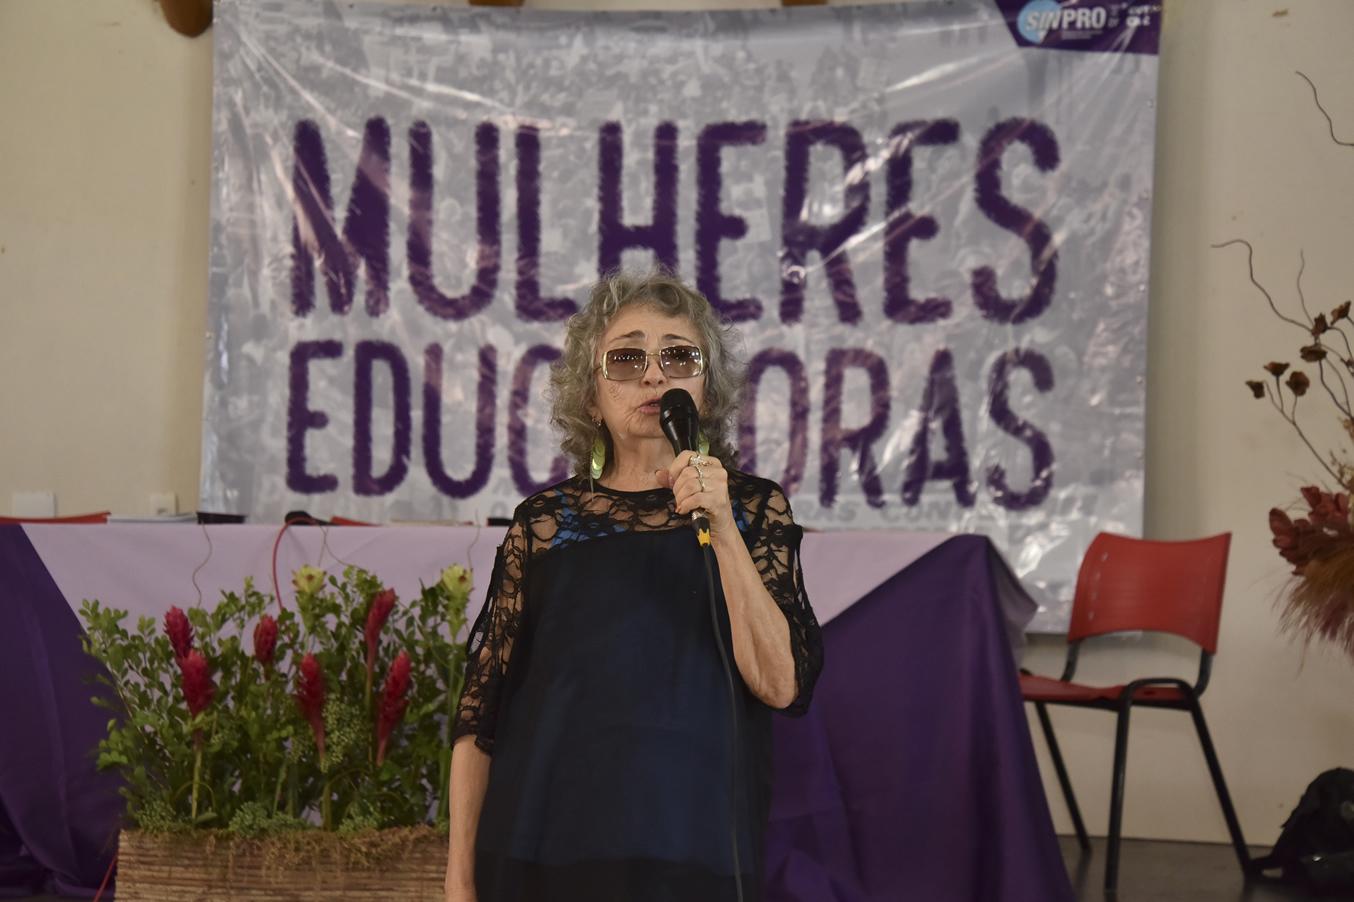 2019.04.27_ENCONTRO-MULHERES-EDUCADORAS_fotos-Deva-Garcia-99